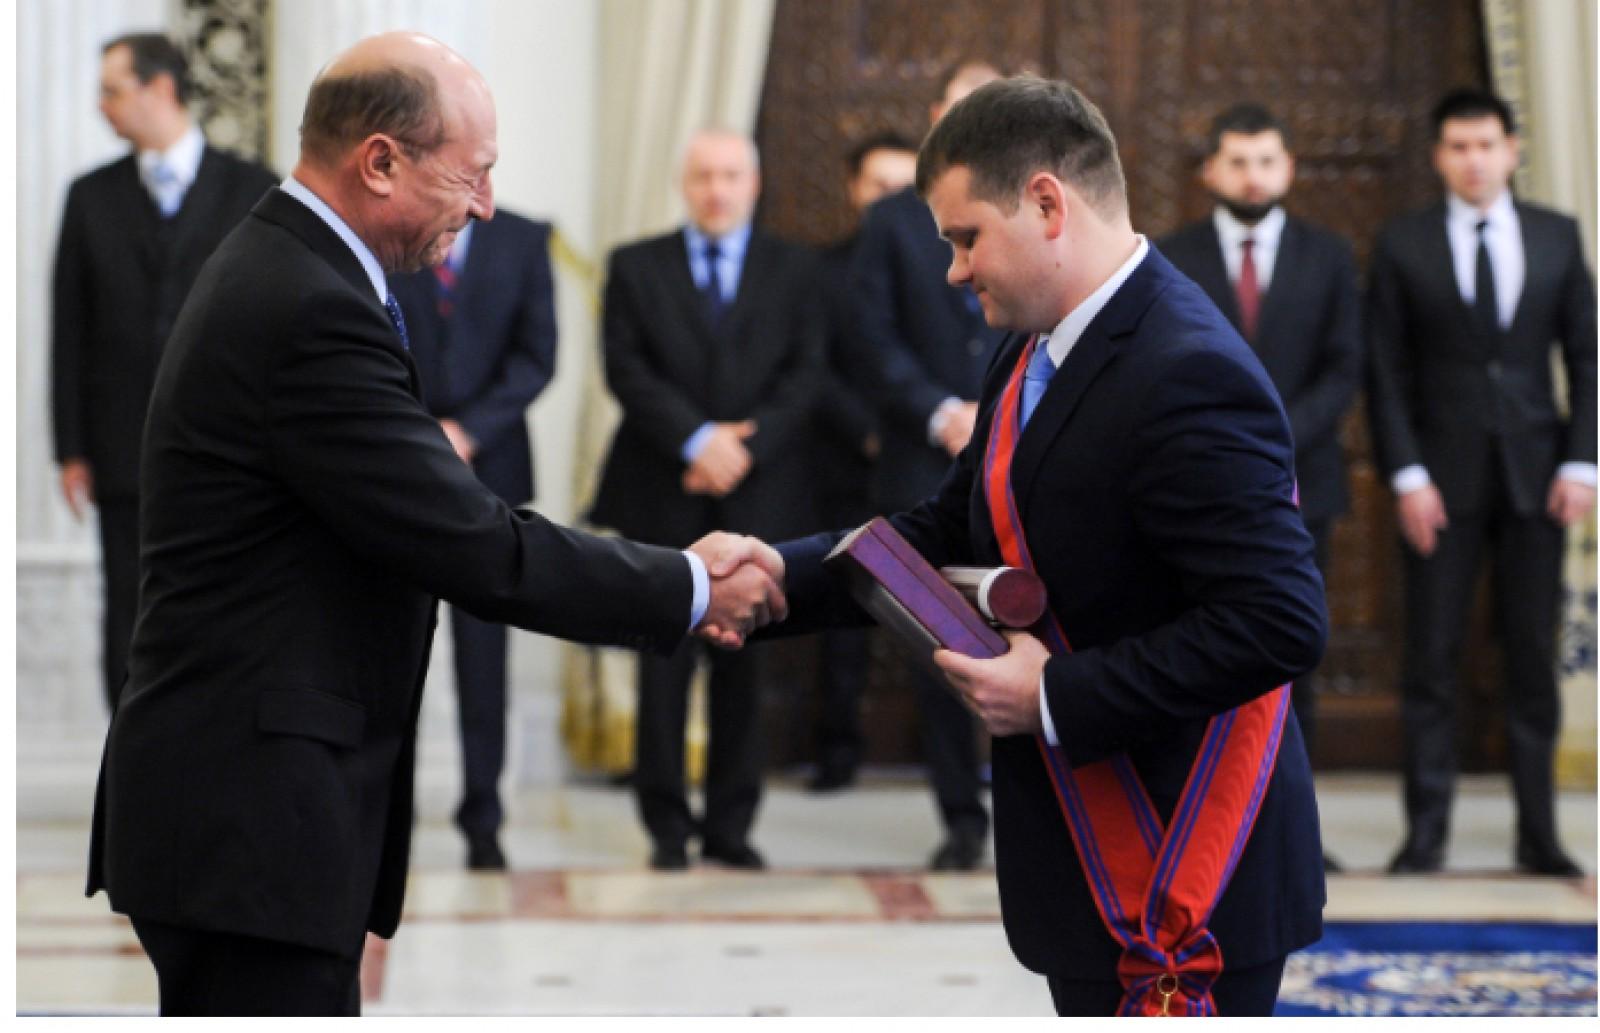 Eugen Tomac despre culisele nominalizării unui candidat unionist unic la alegeri: Președintele Băsescu a acceptat candidatura lui Munteanu, însă PL a refuzat